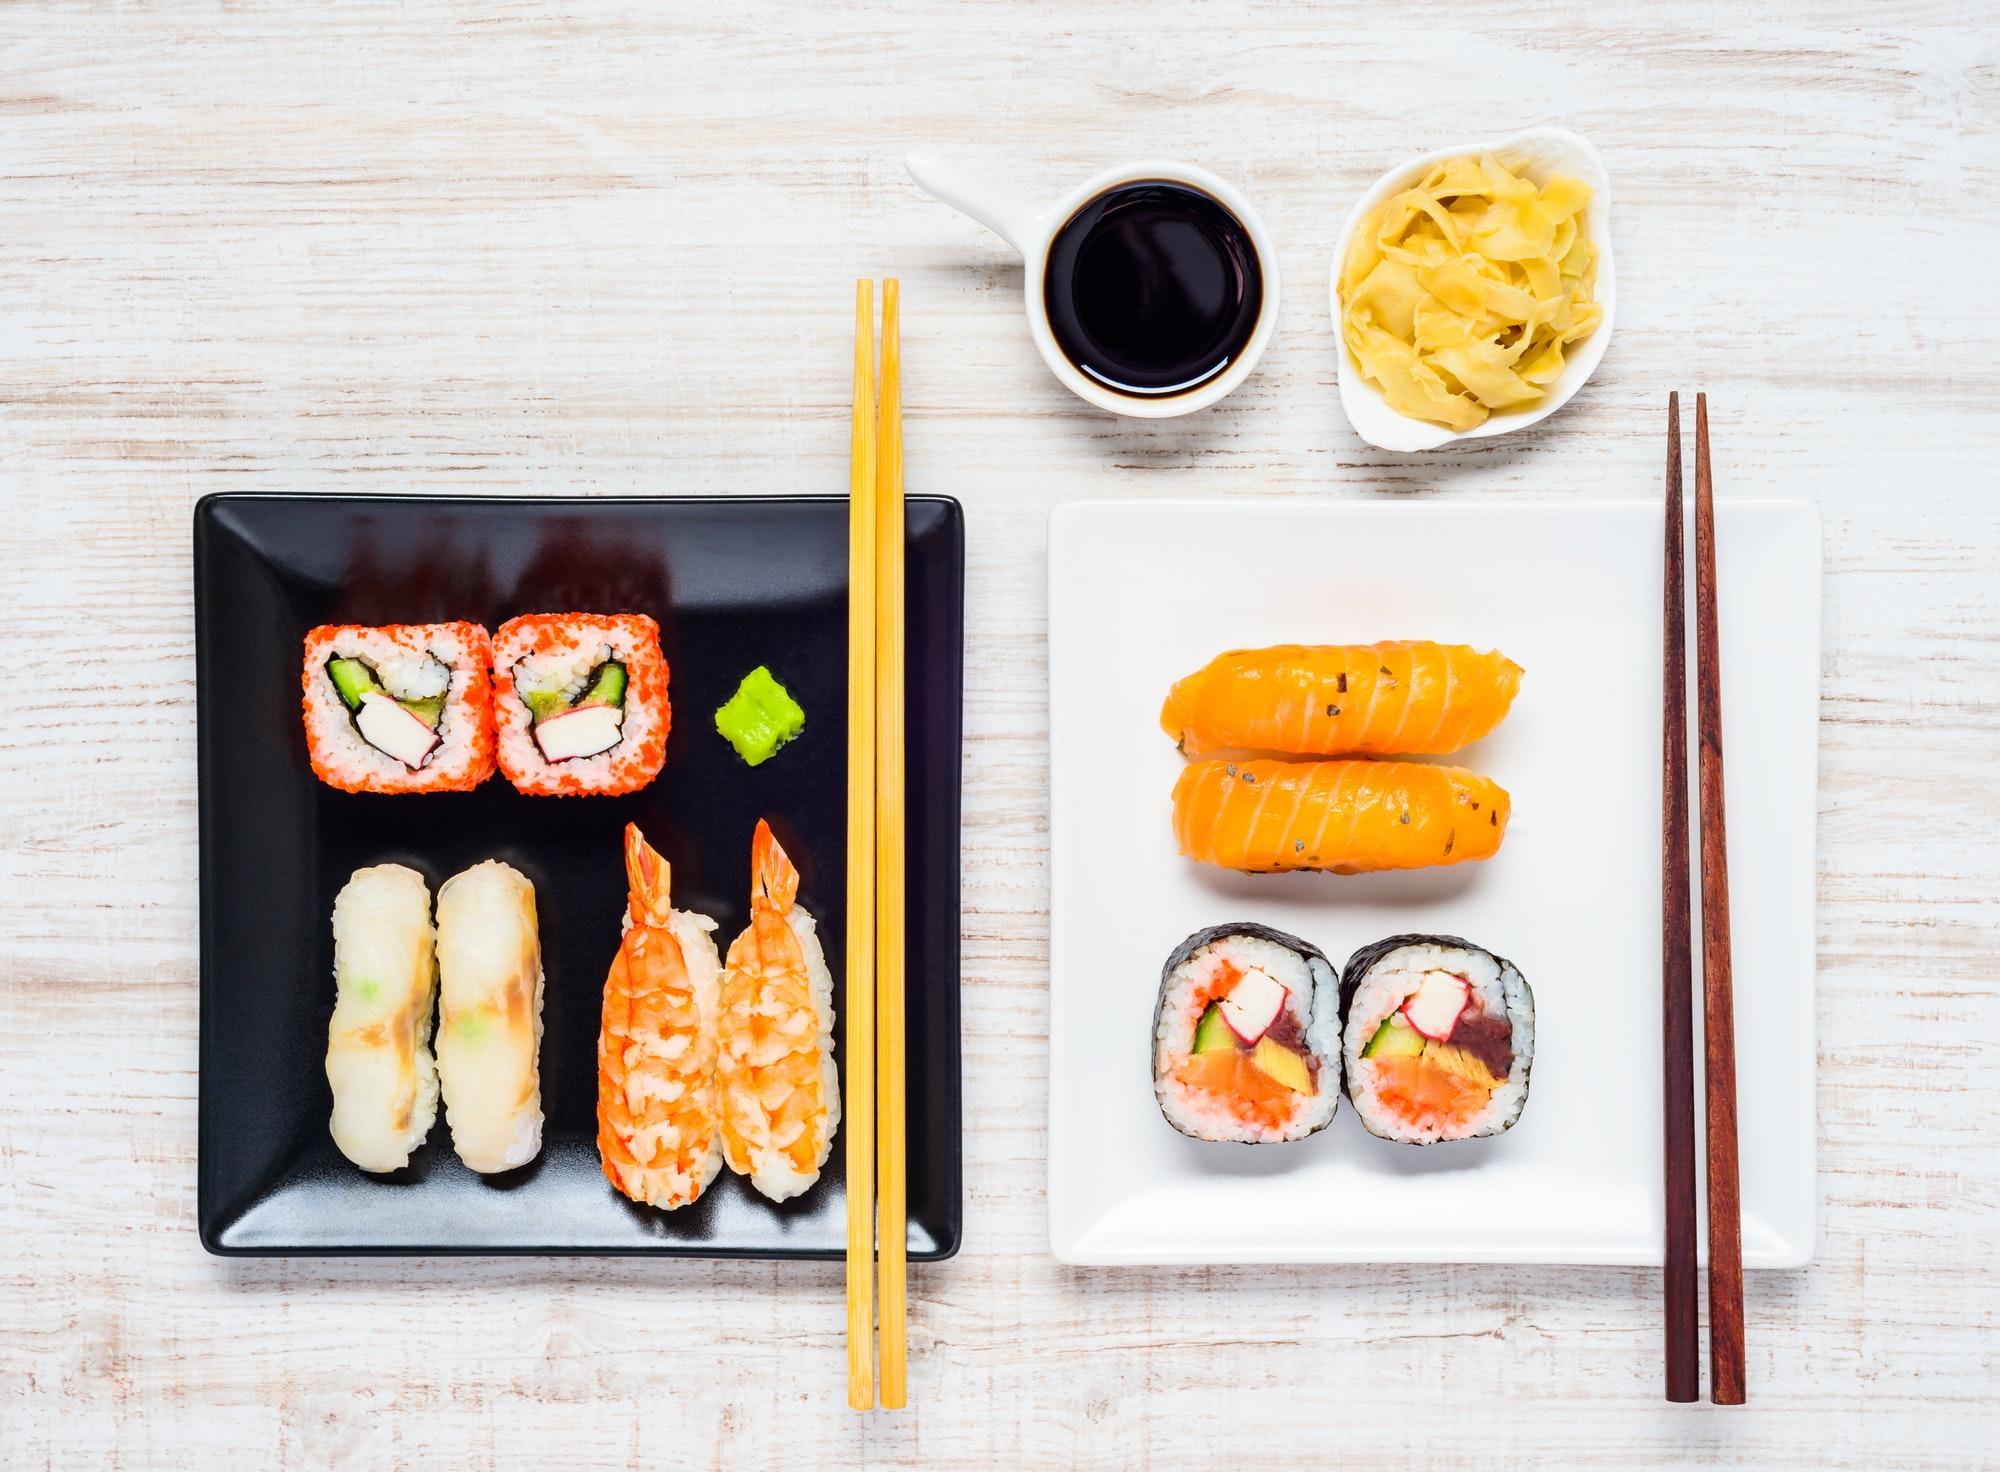 using tamari sauce with sushi